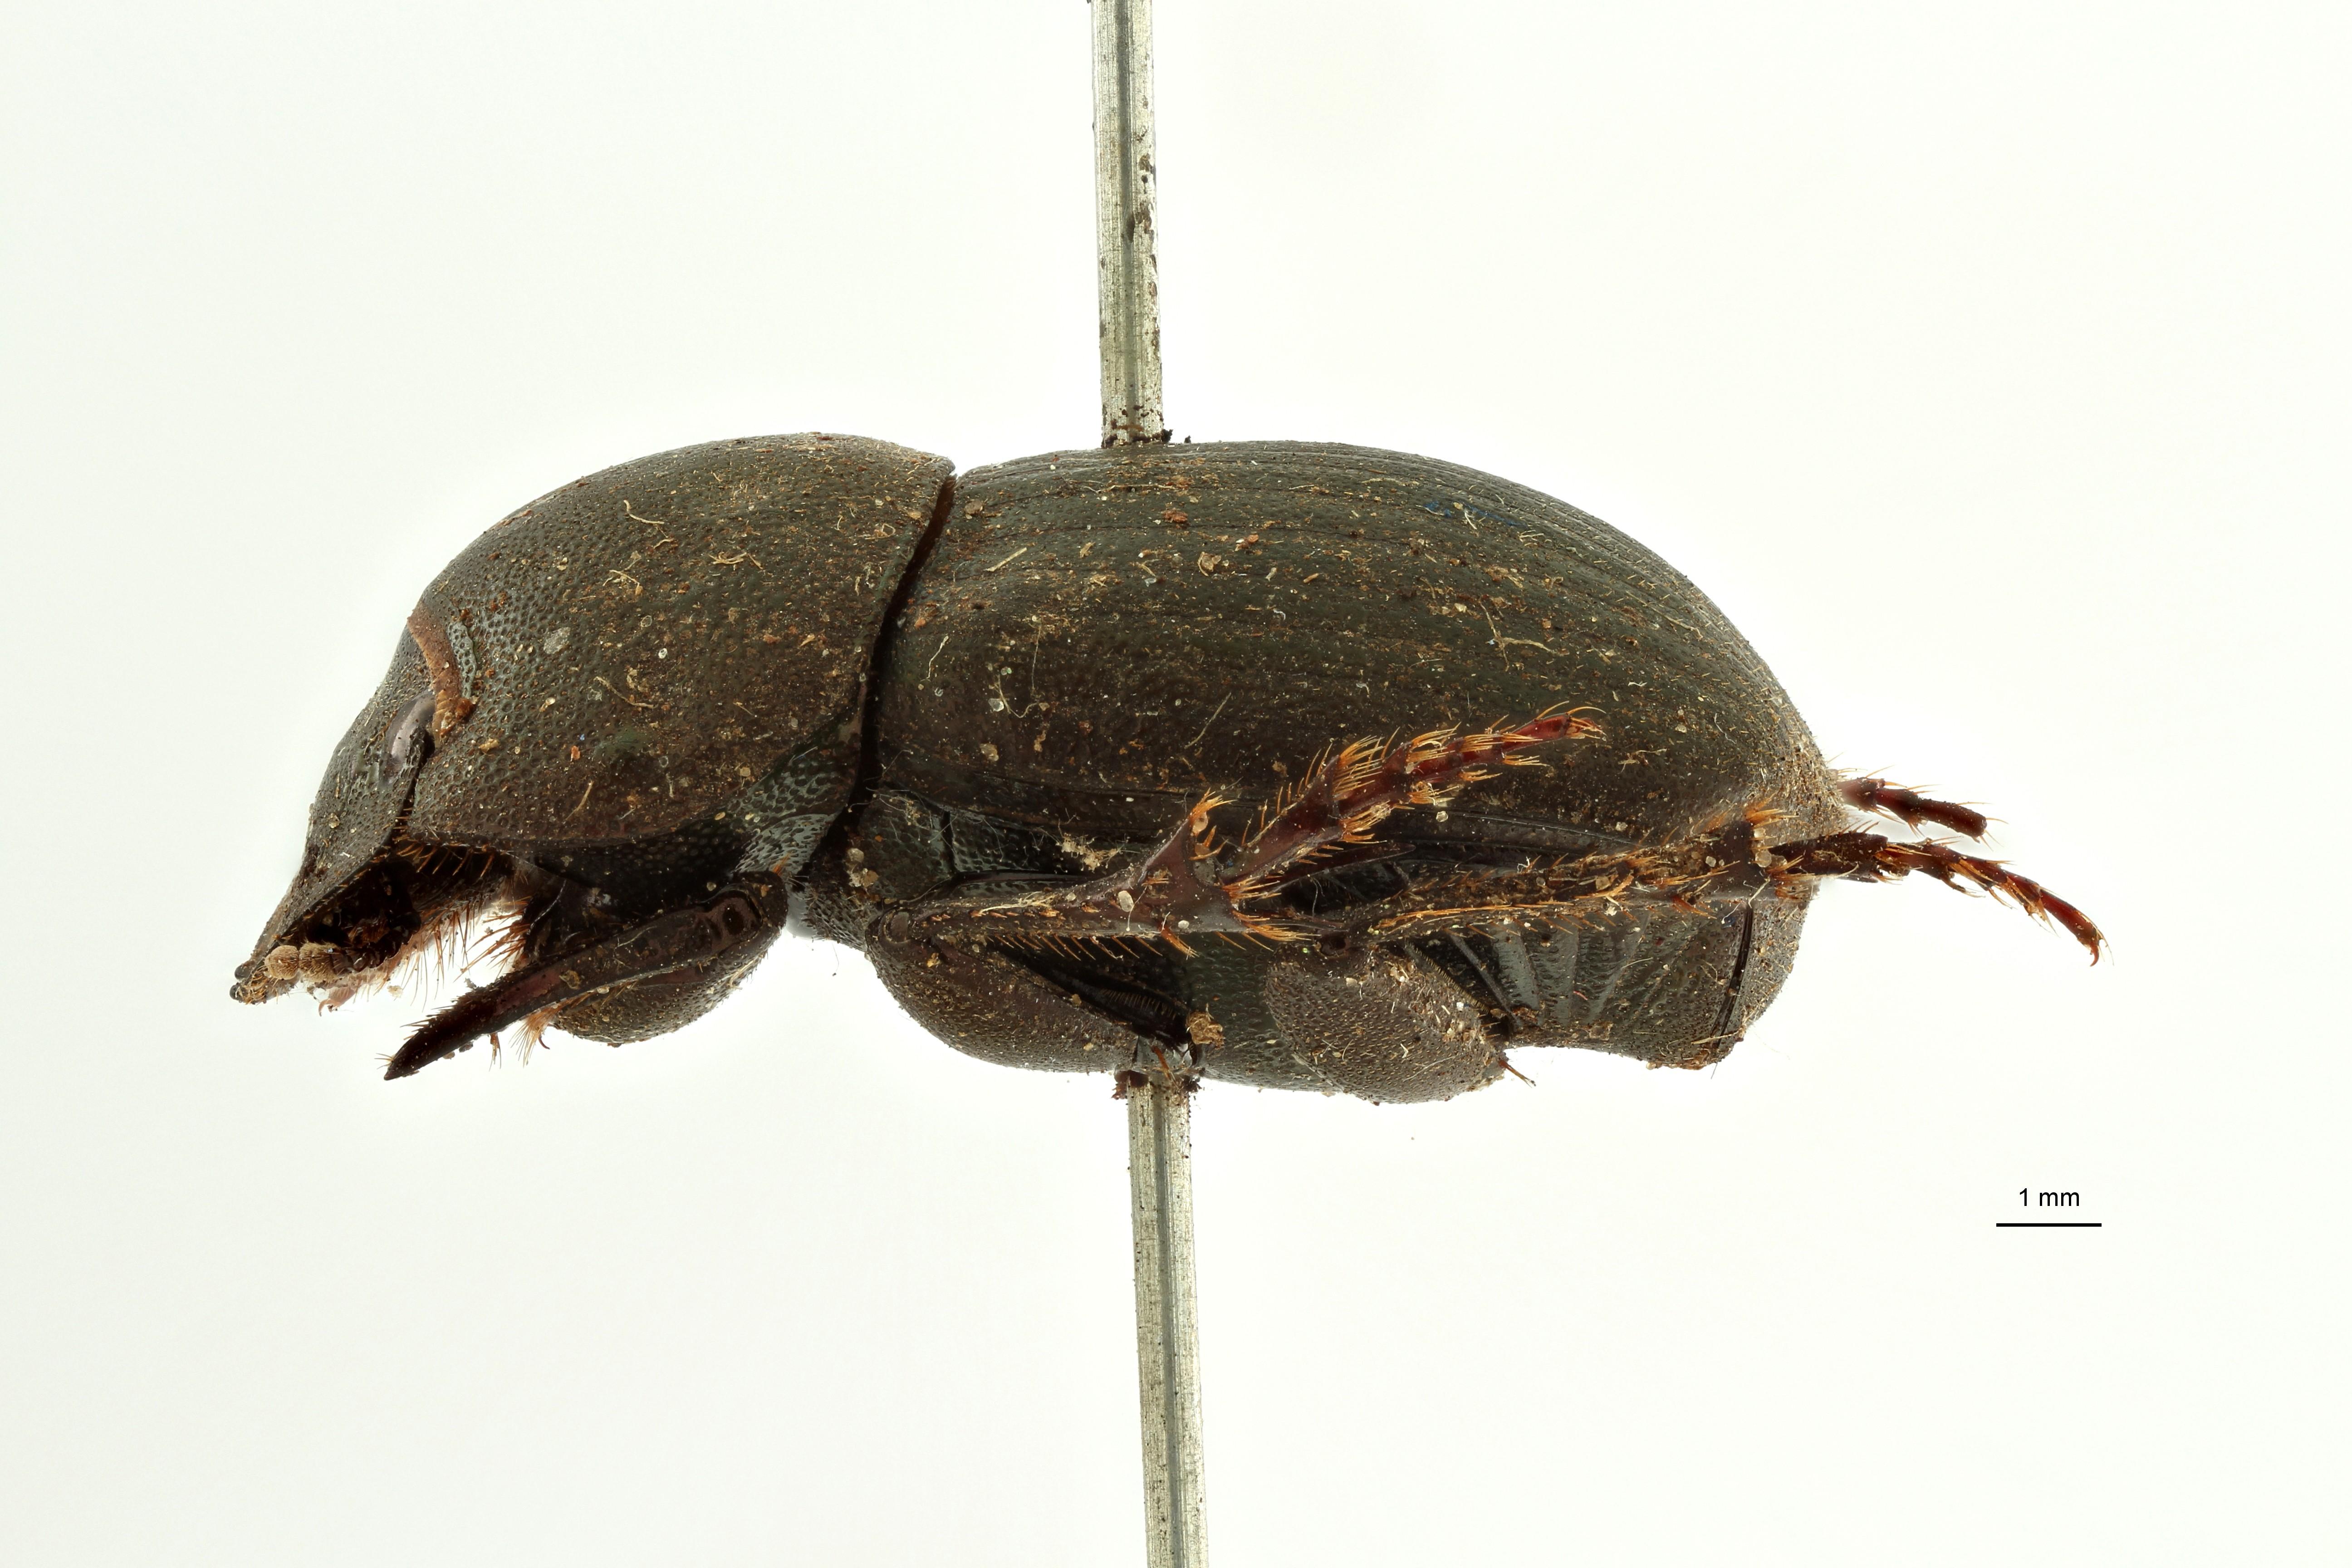 Pseudopedaria grossa t L ZS PMax Scaled.jpeg